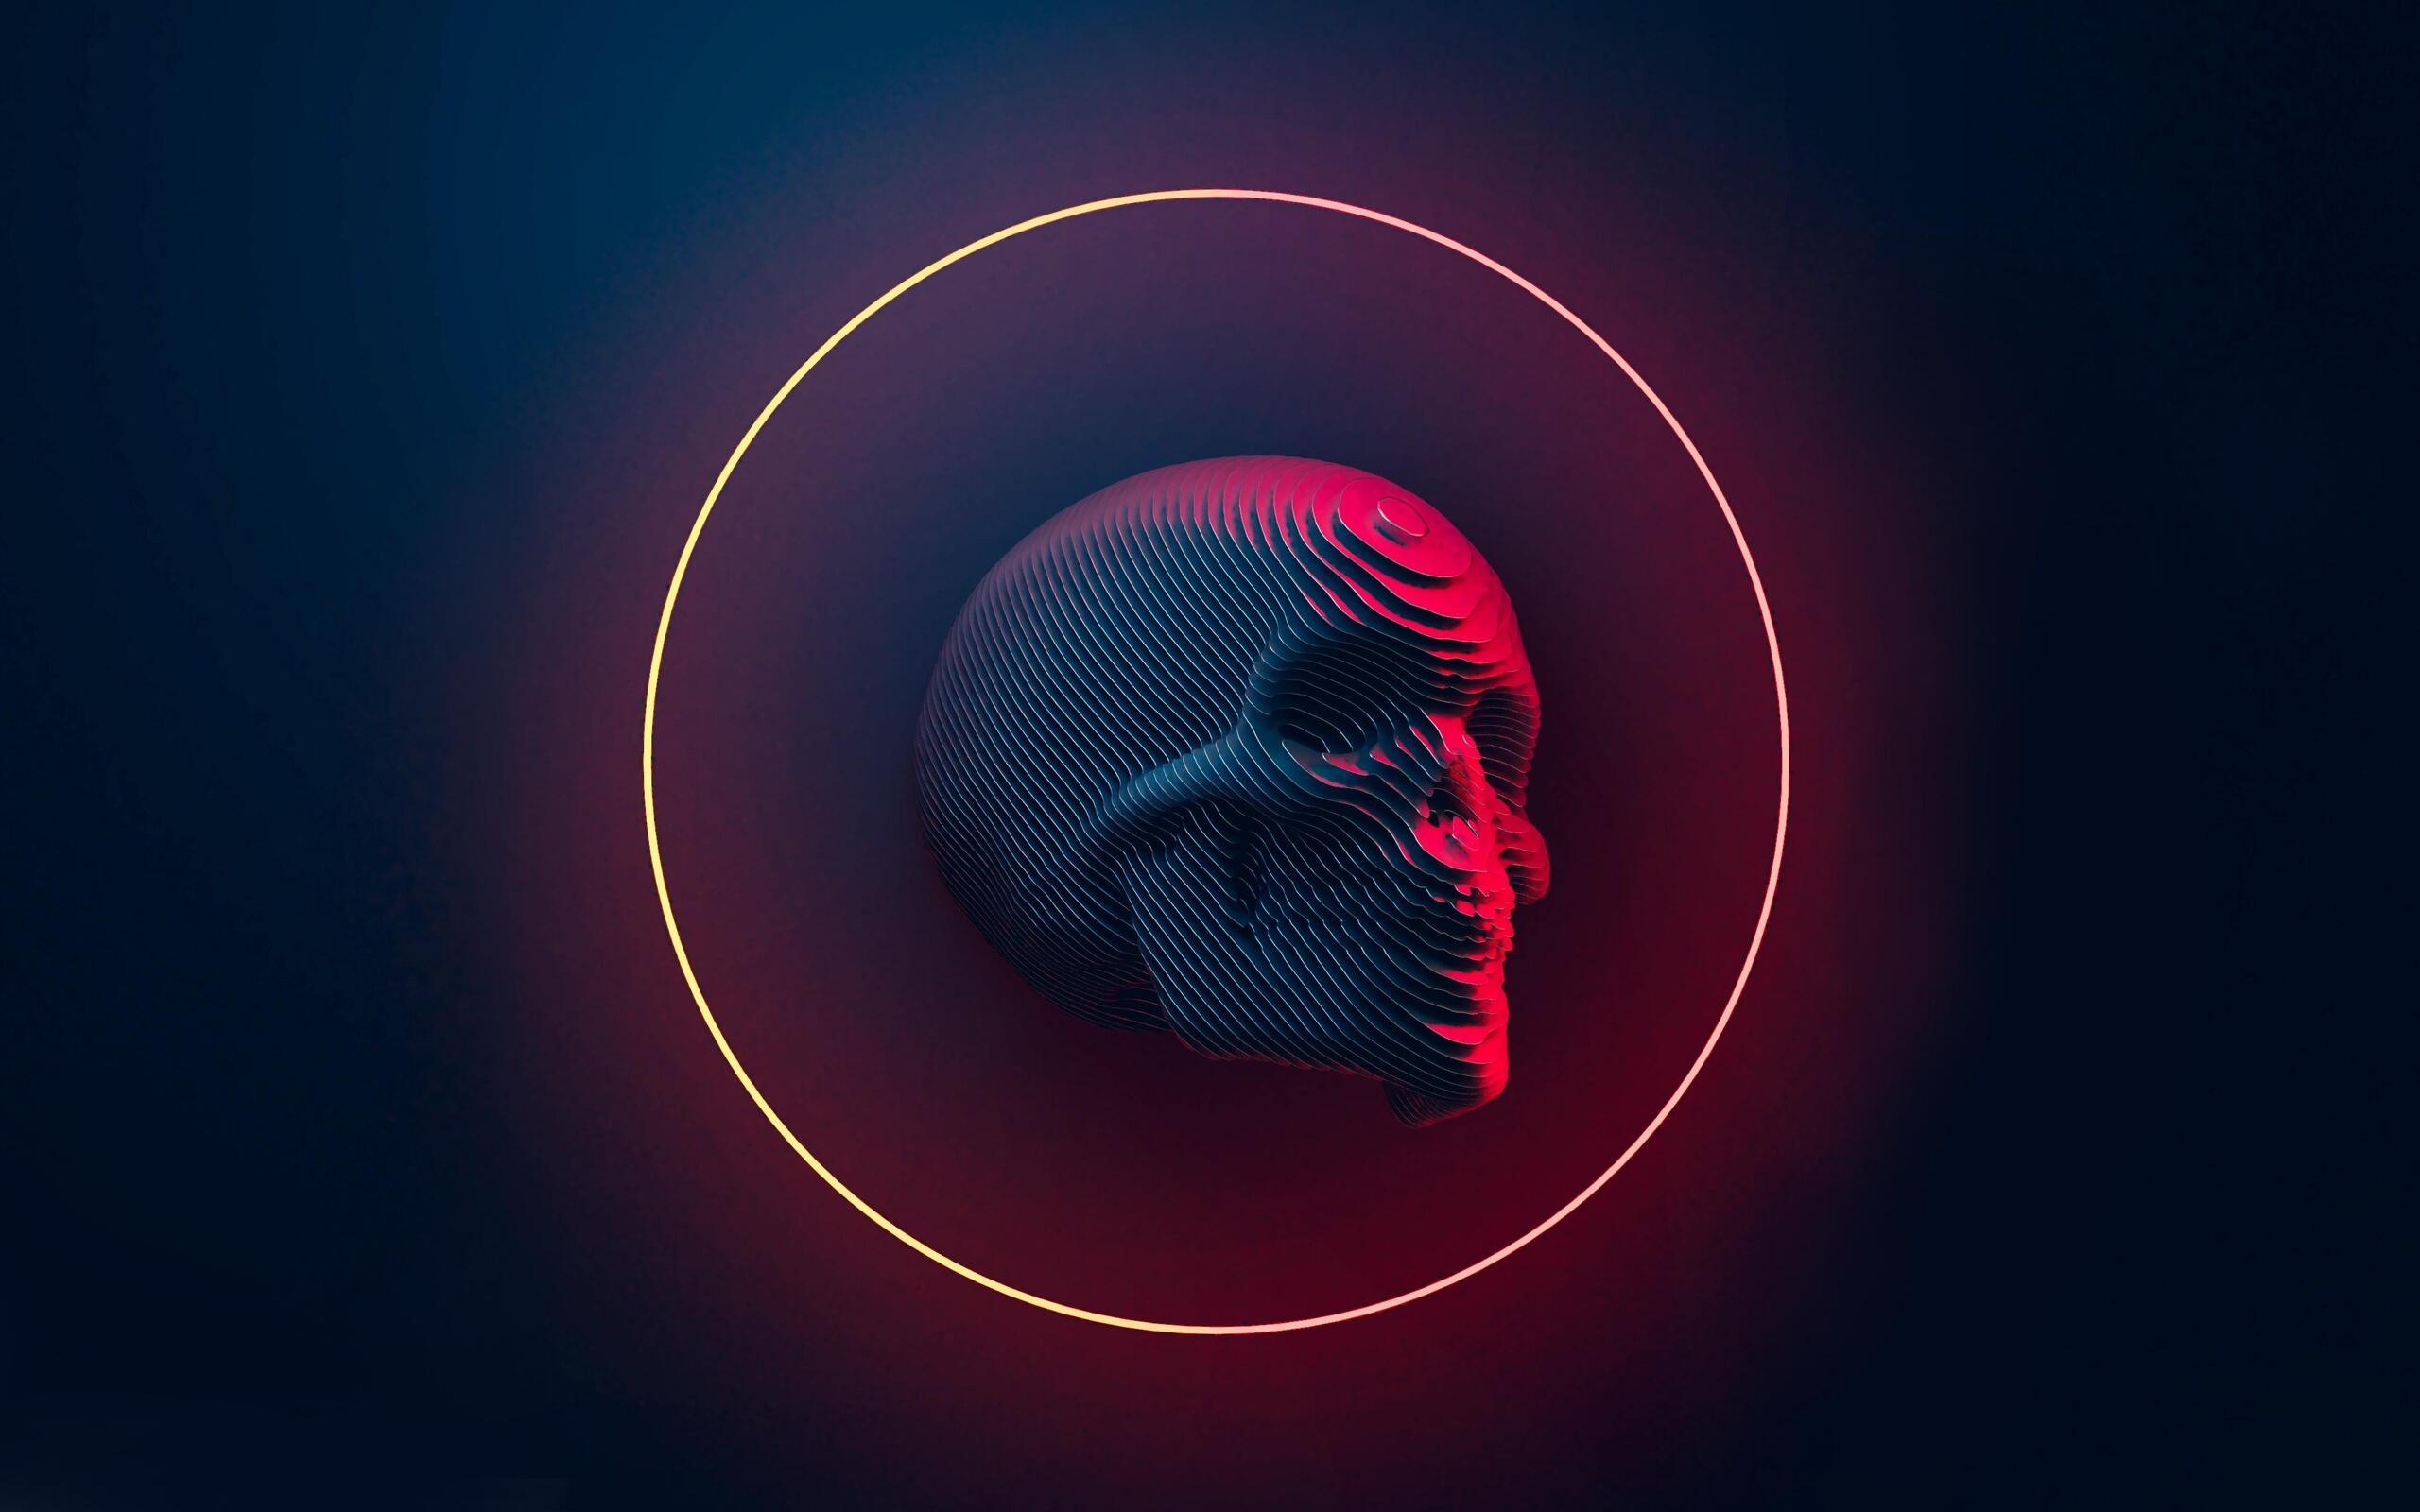 skull-art-4k-xc.jpg